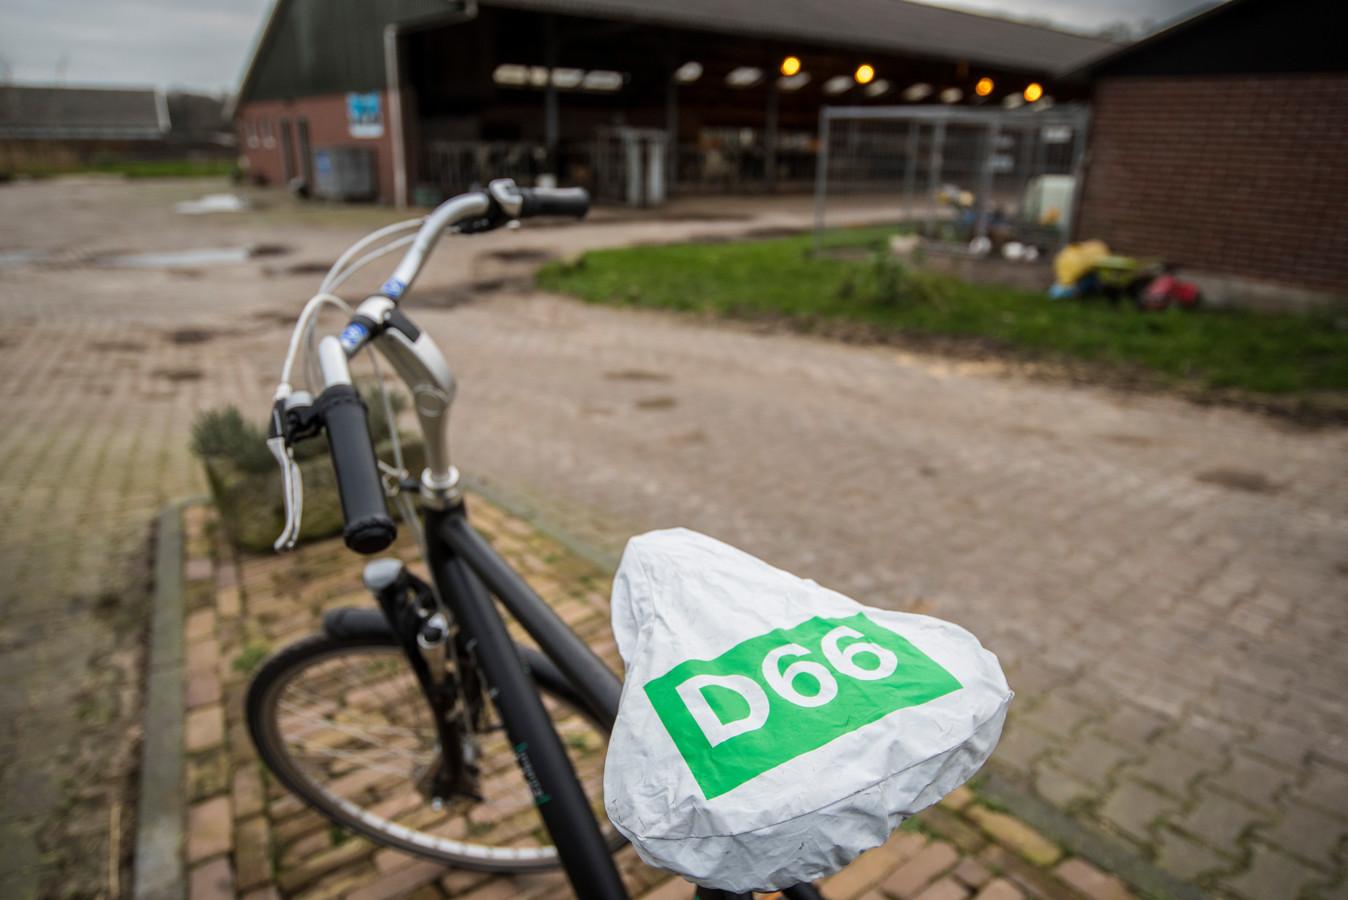 Vrije Foto 20200214  Enschede D66 op de fiets langs de boer editie:Vrij Foto Foto Reinier van Willigen RVW20200214